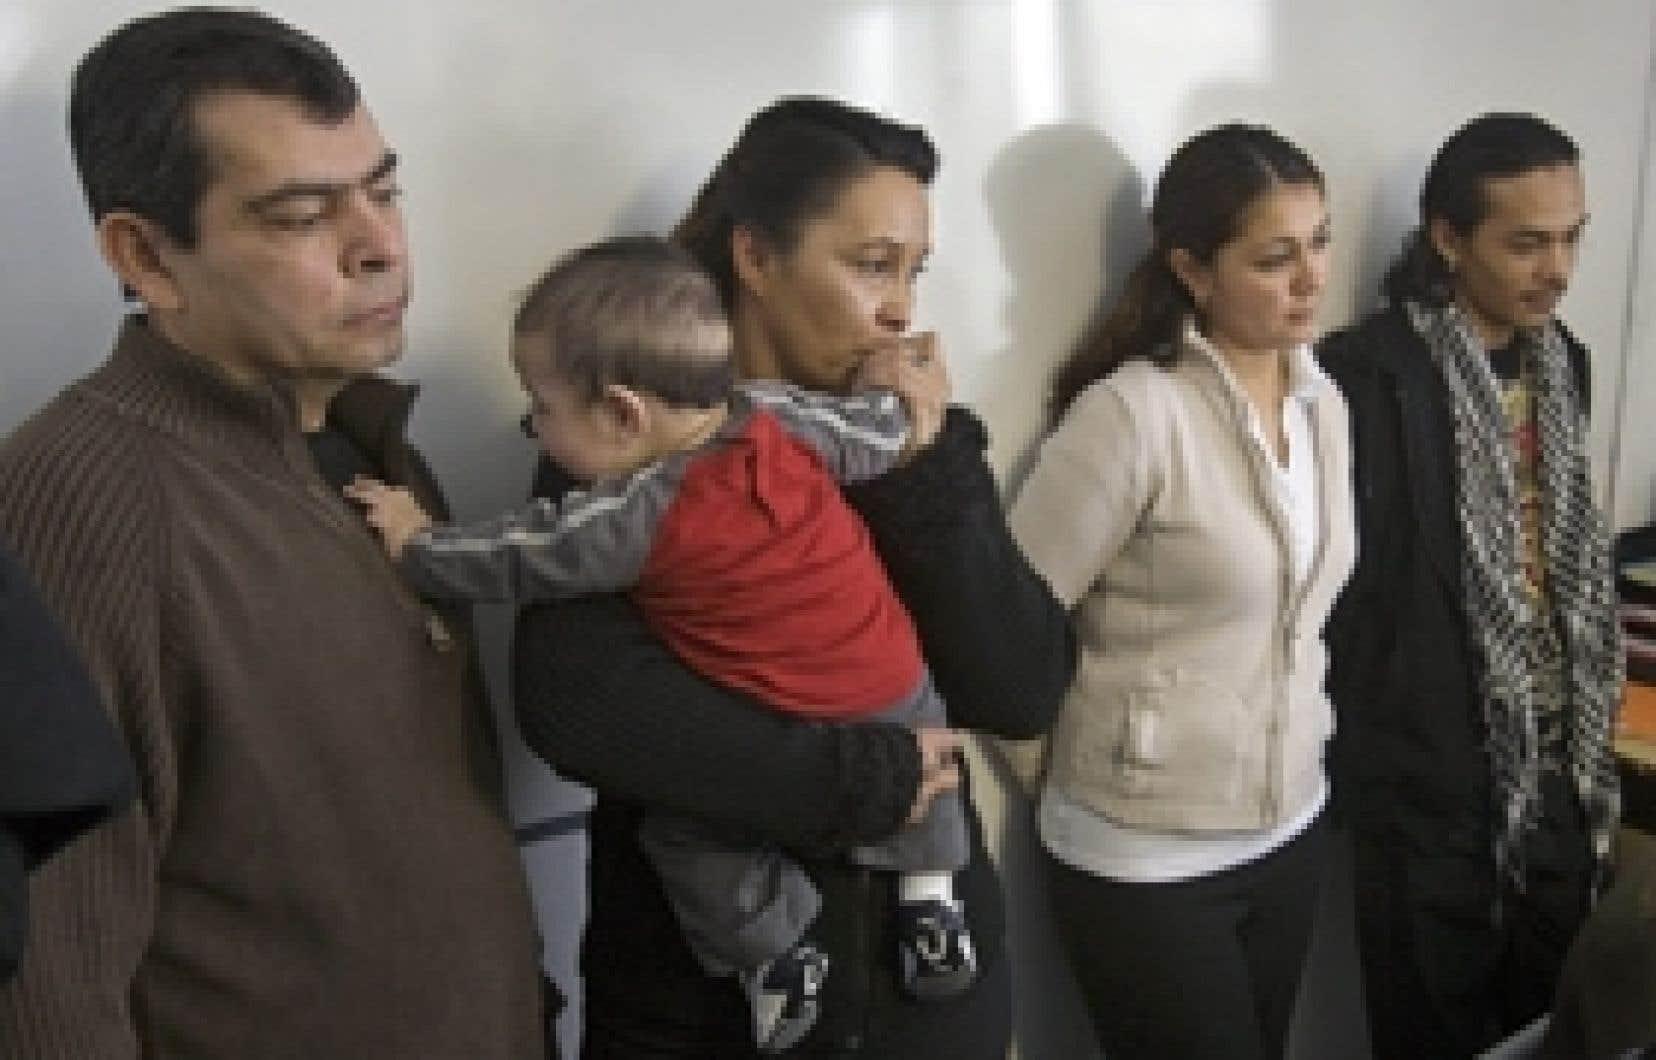 Gilberto Villanueva, son épouse, Lilian, et leurs enfants Diego (quatre mois), Patricia et Danny ont annoncé leur intention hier de ne pas participer à l'enquête publique présidée par le juge Robert Sansfaçon concernant la mort de Freddy Villanu